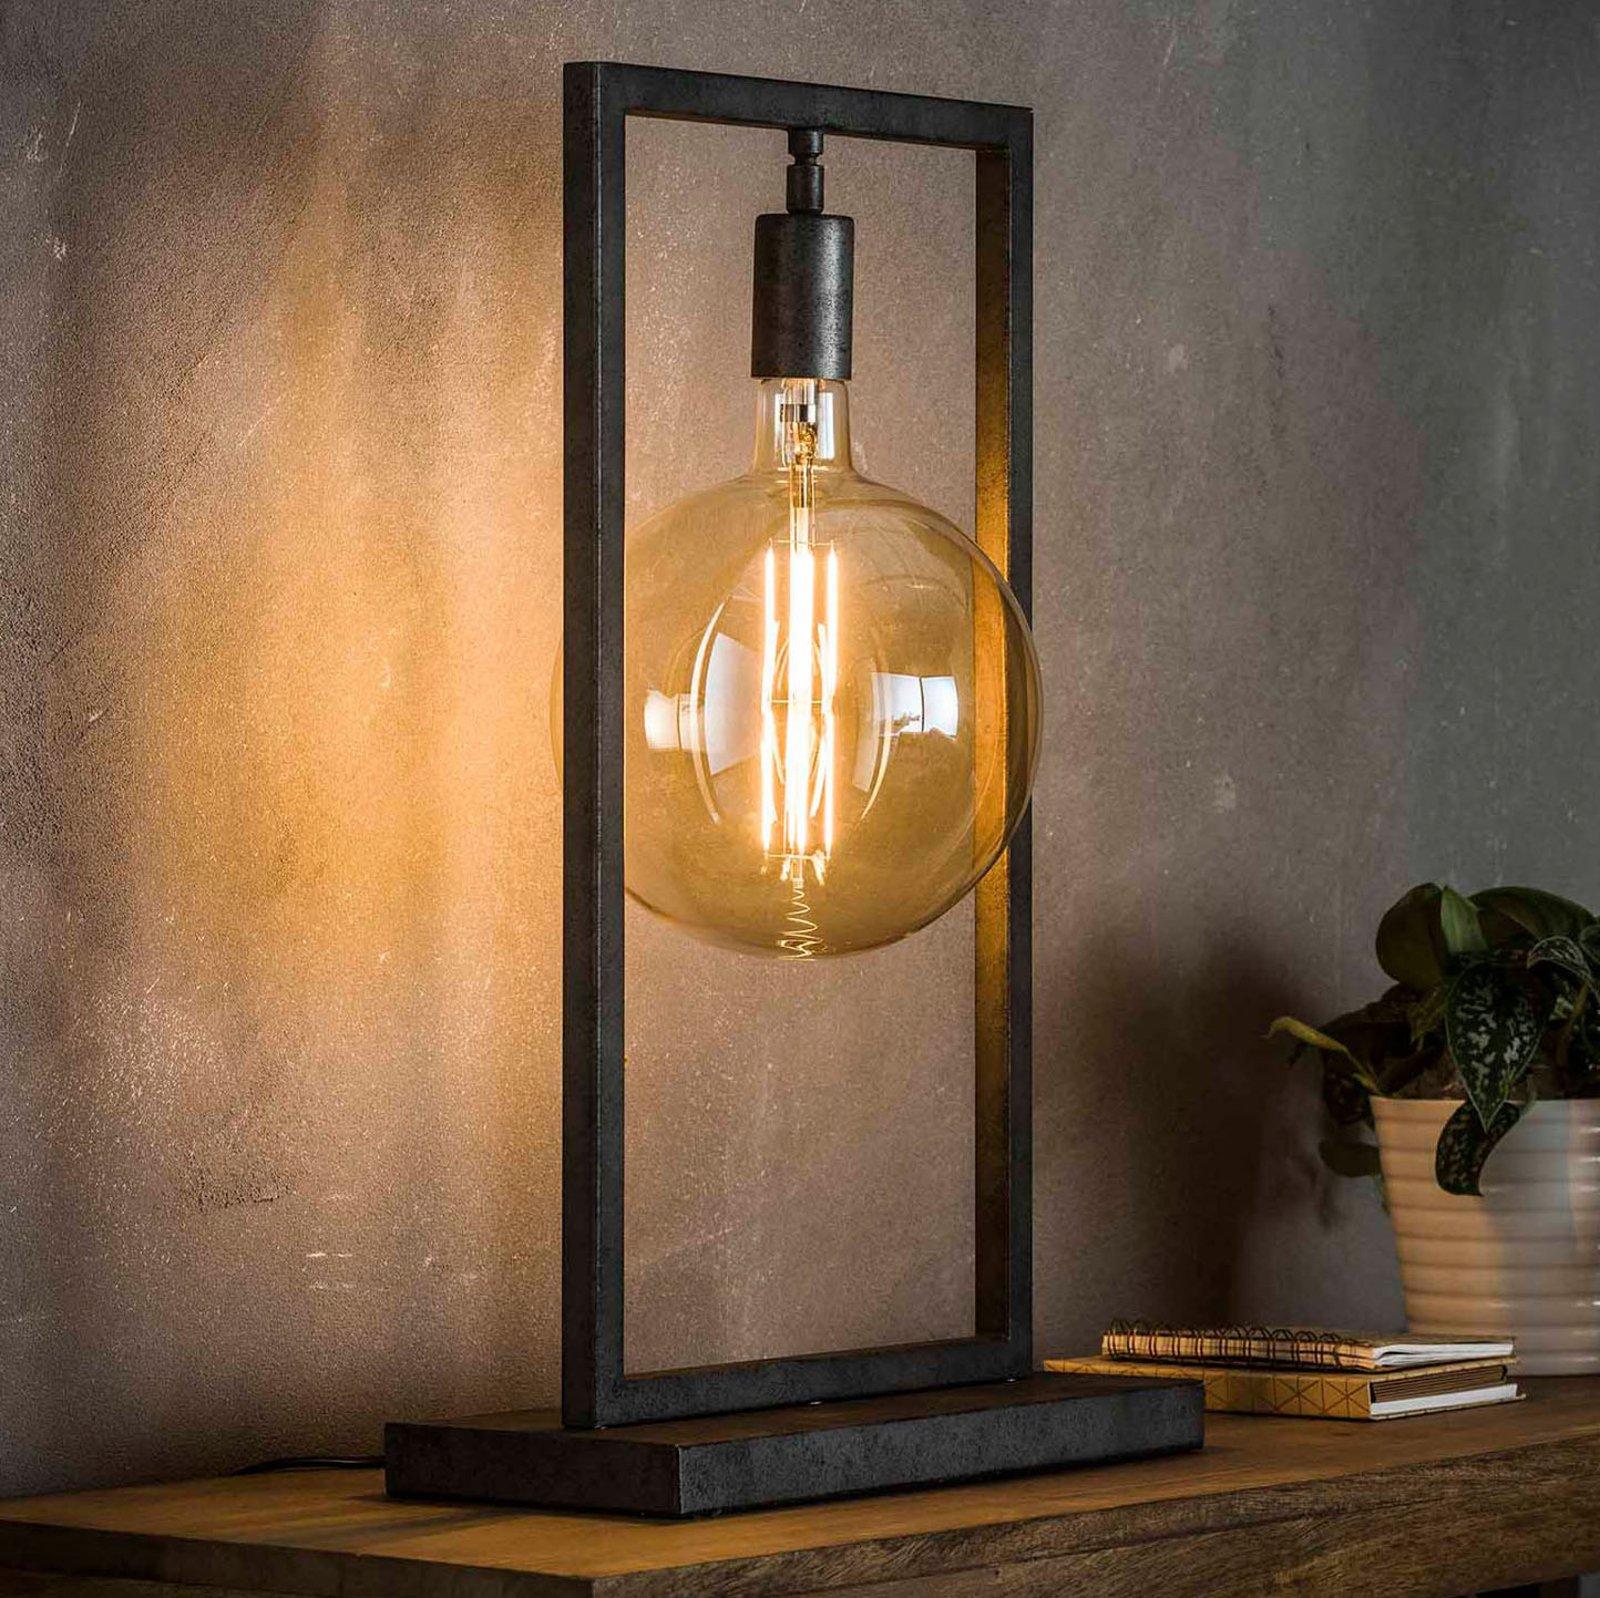 Bordlampe Skyframe, høyde 55 cm